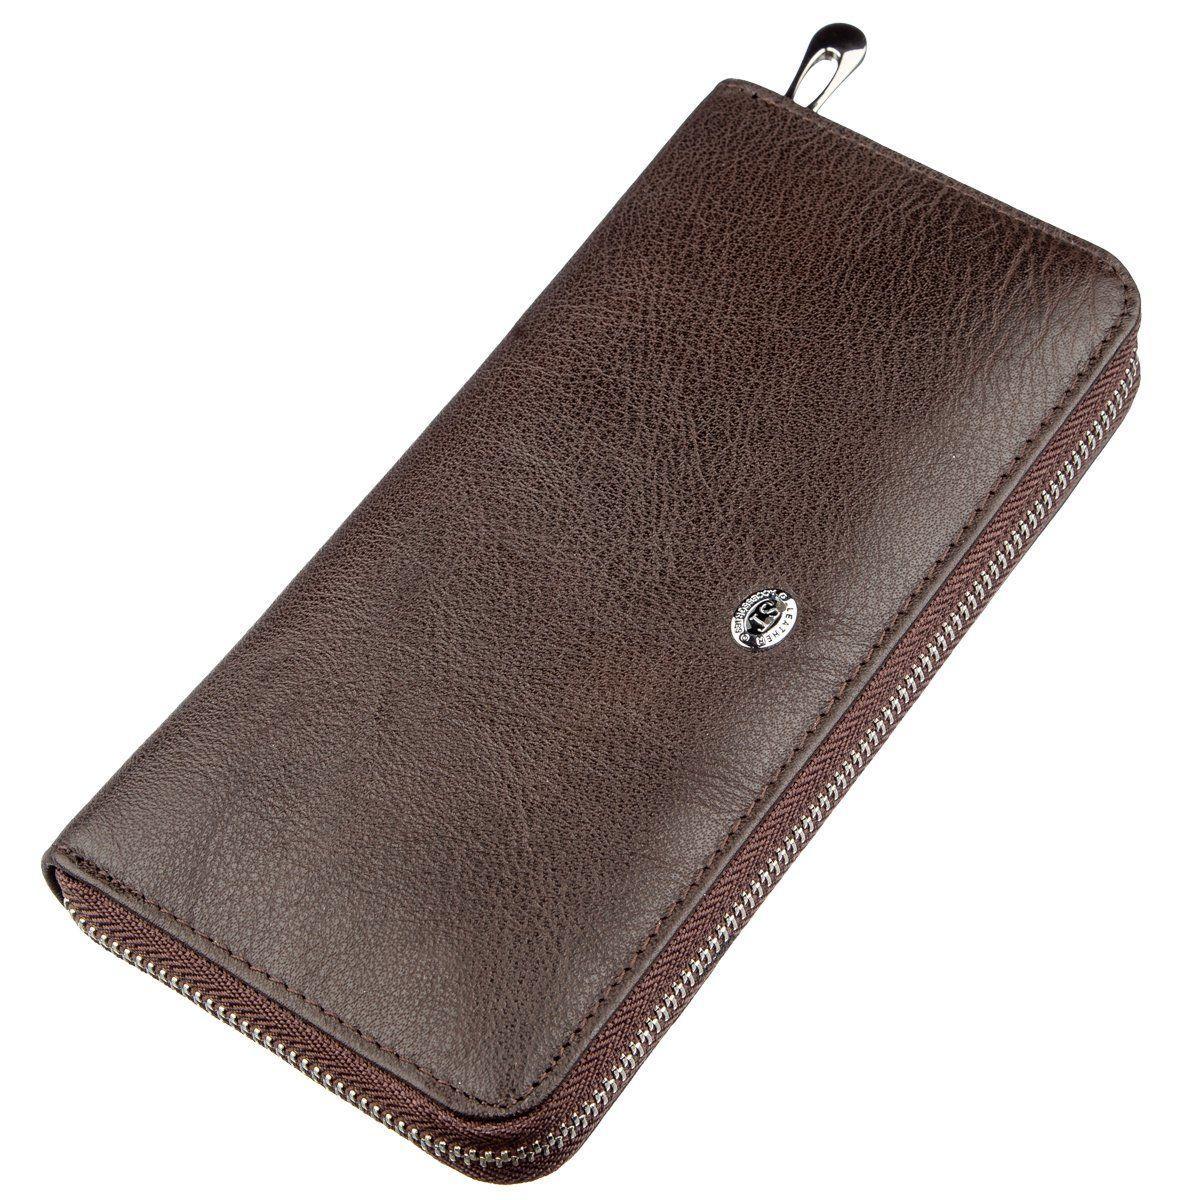 Вертикальный женский кошелек ST Leather 18860 Коричневый, Коричневый